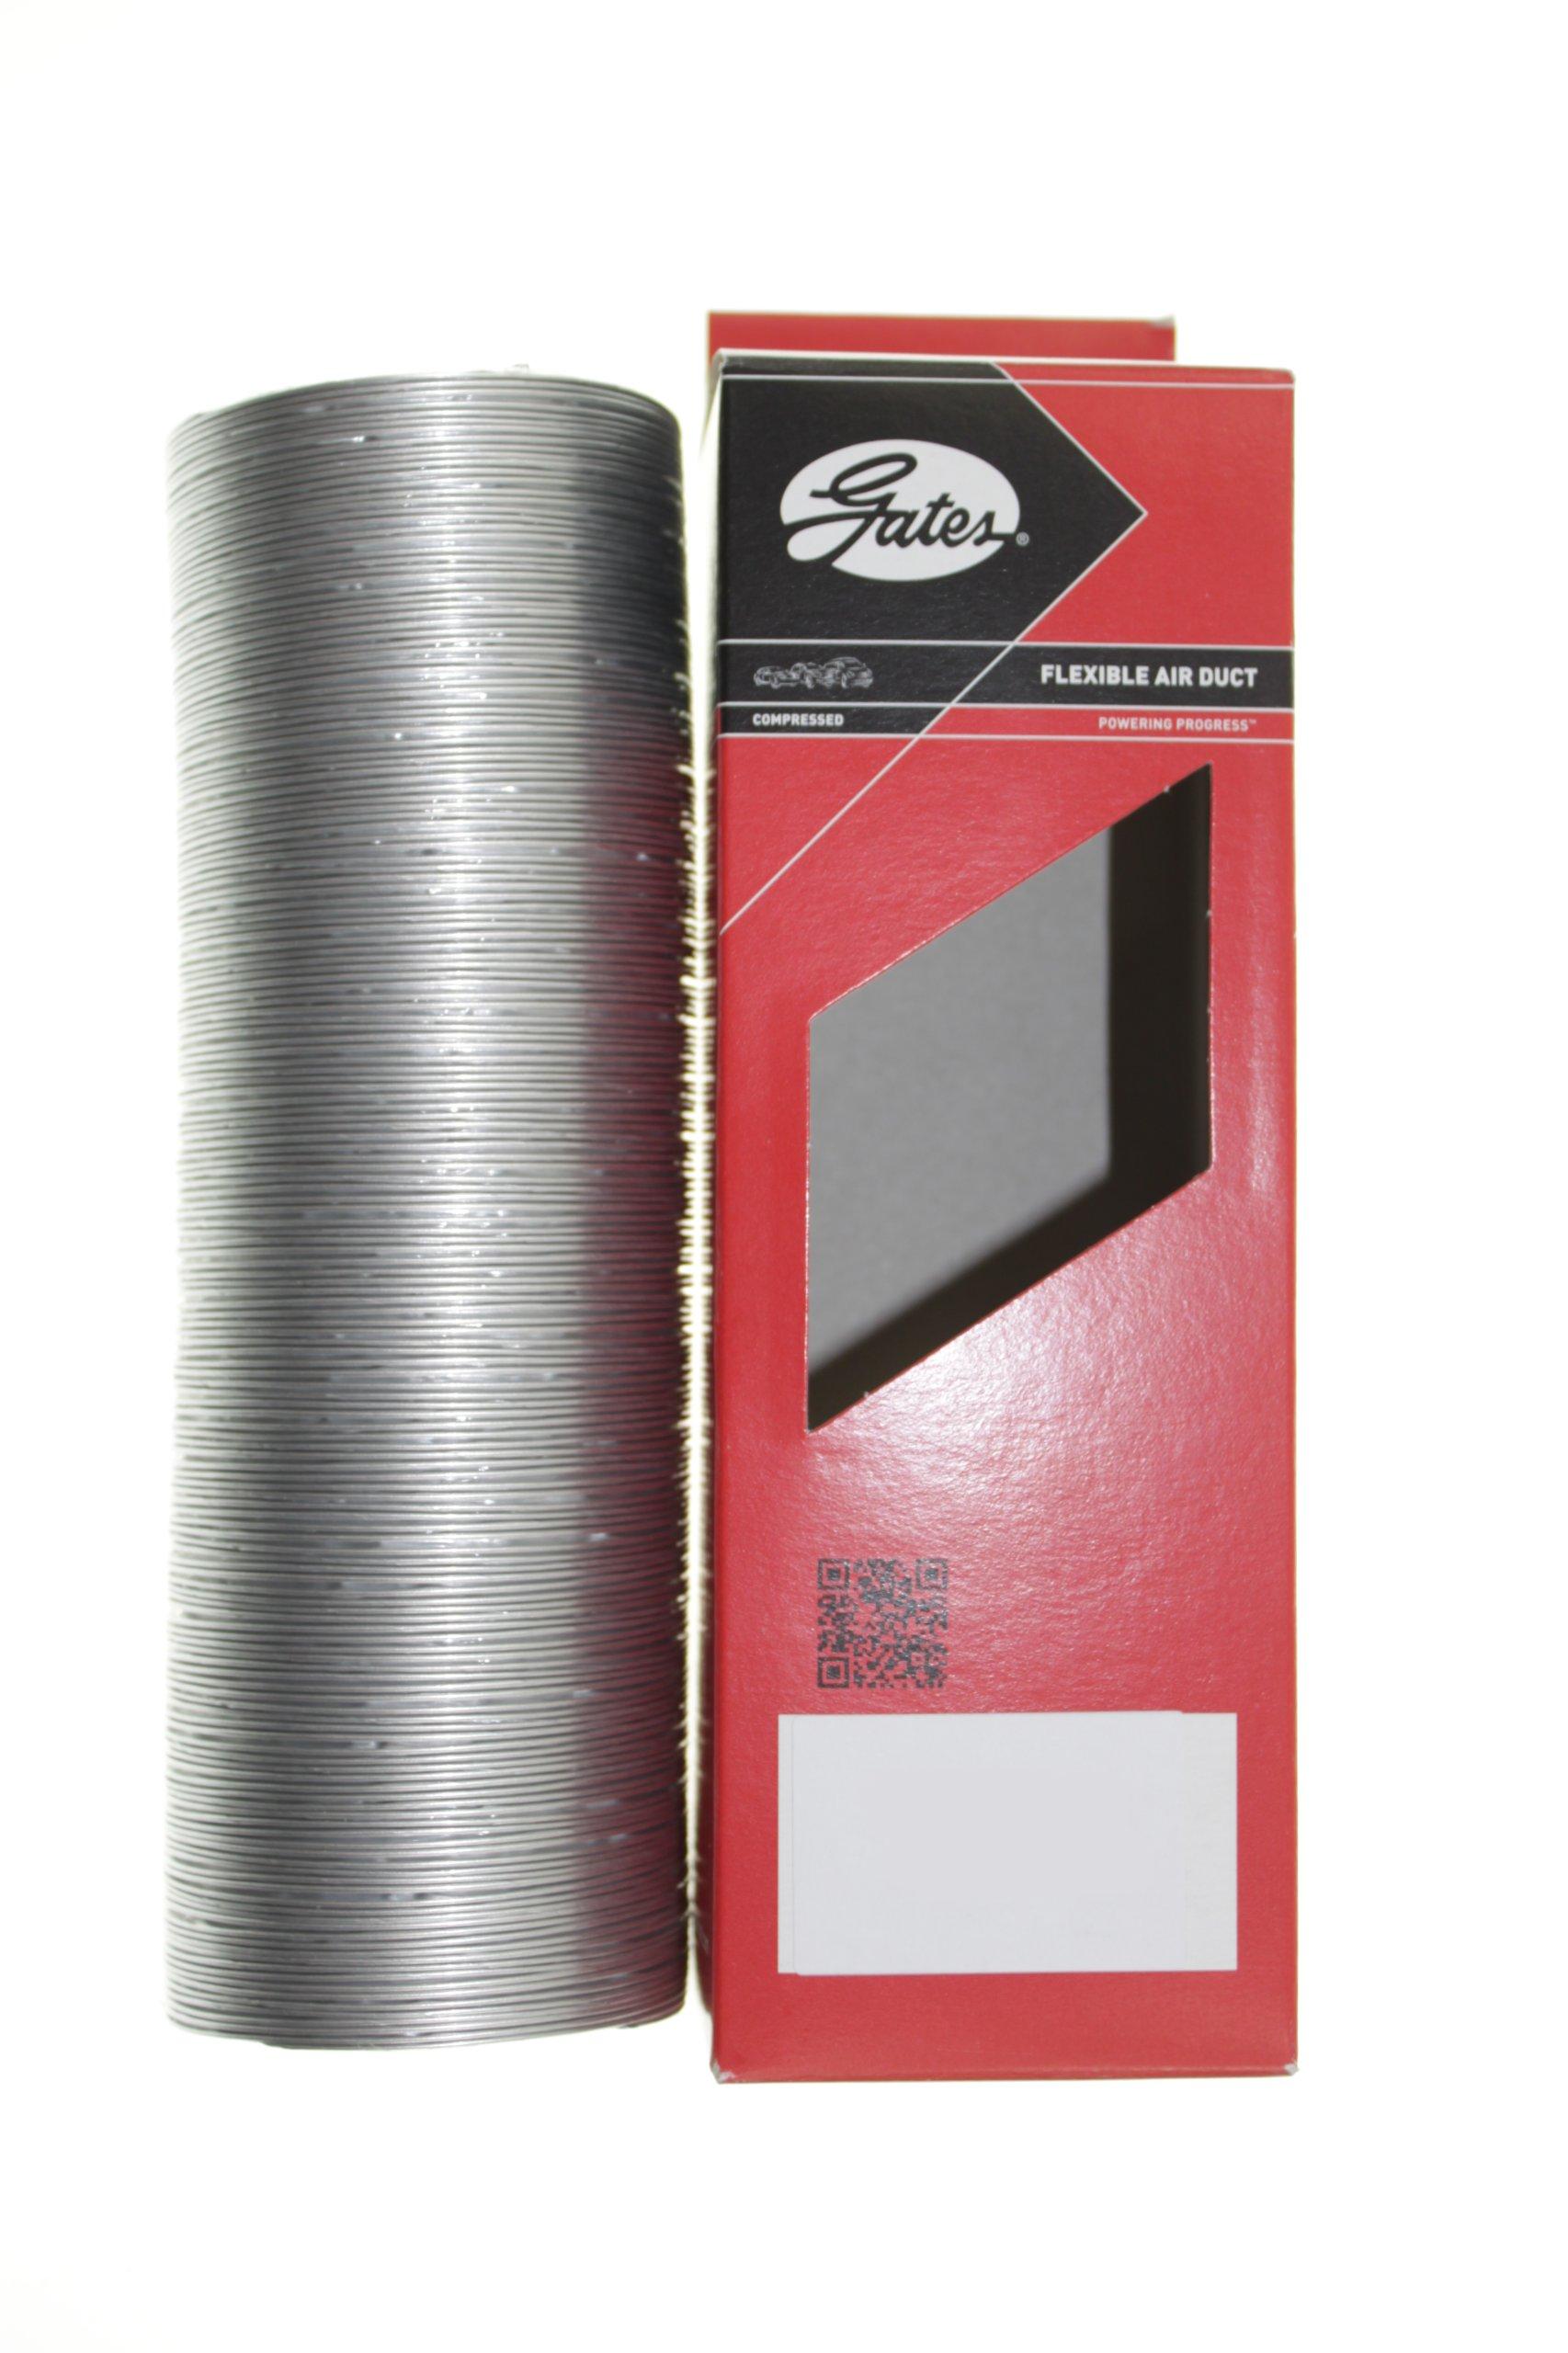 кабель гибкий алюминиевый спайро гейтс 45x500